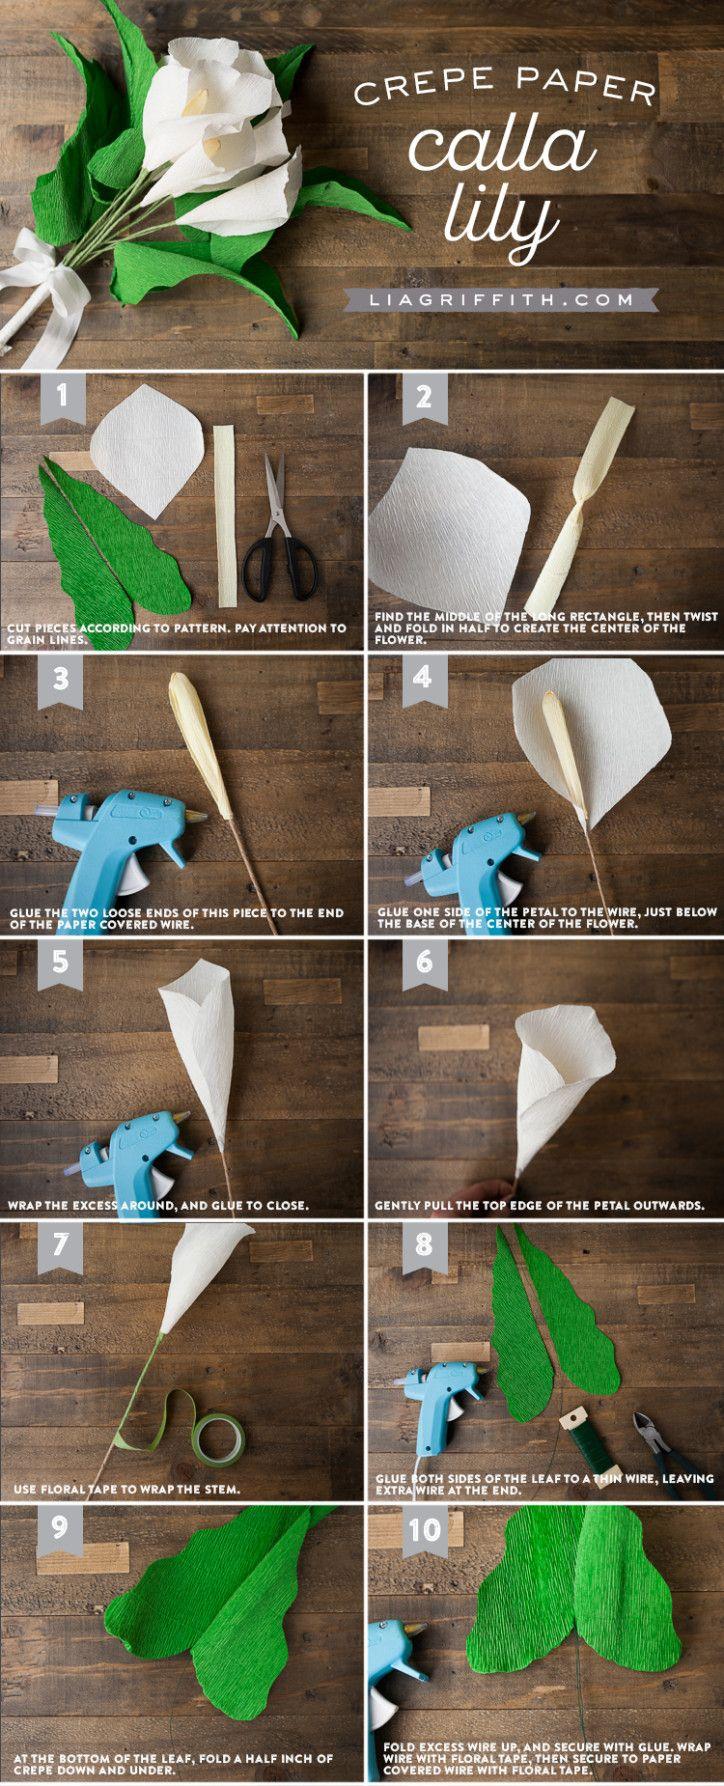 Crepe Paper Calla Lily | Lia Griffith